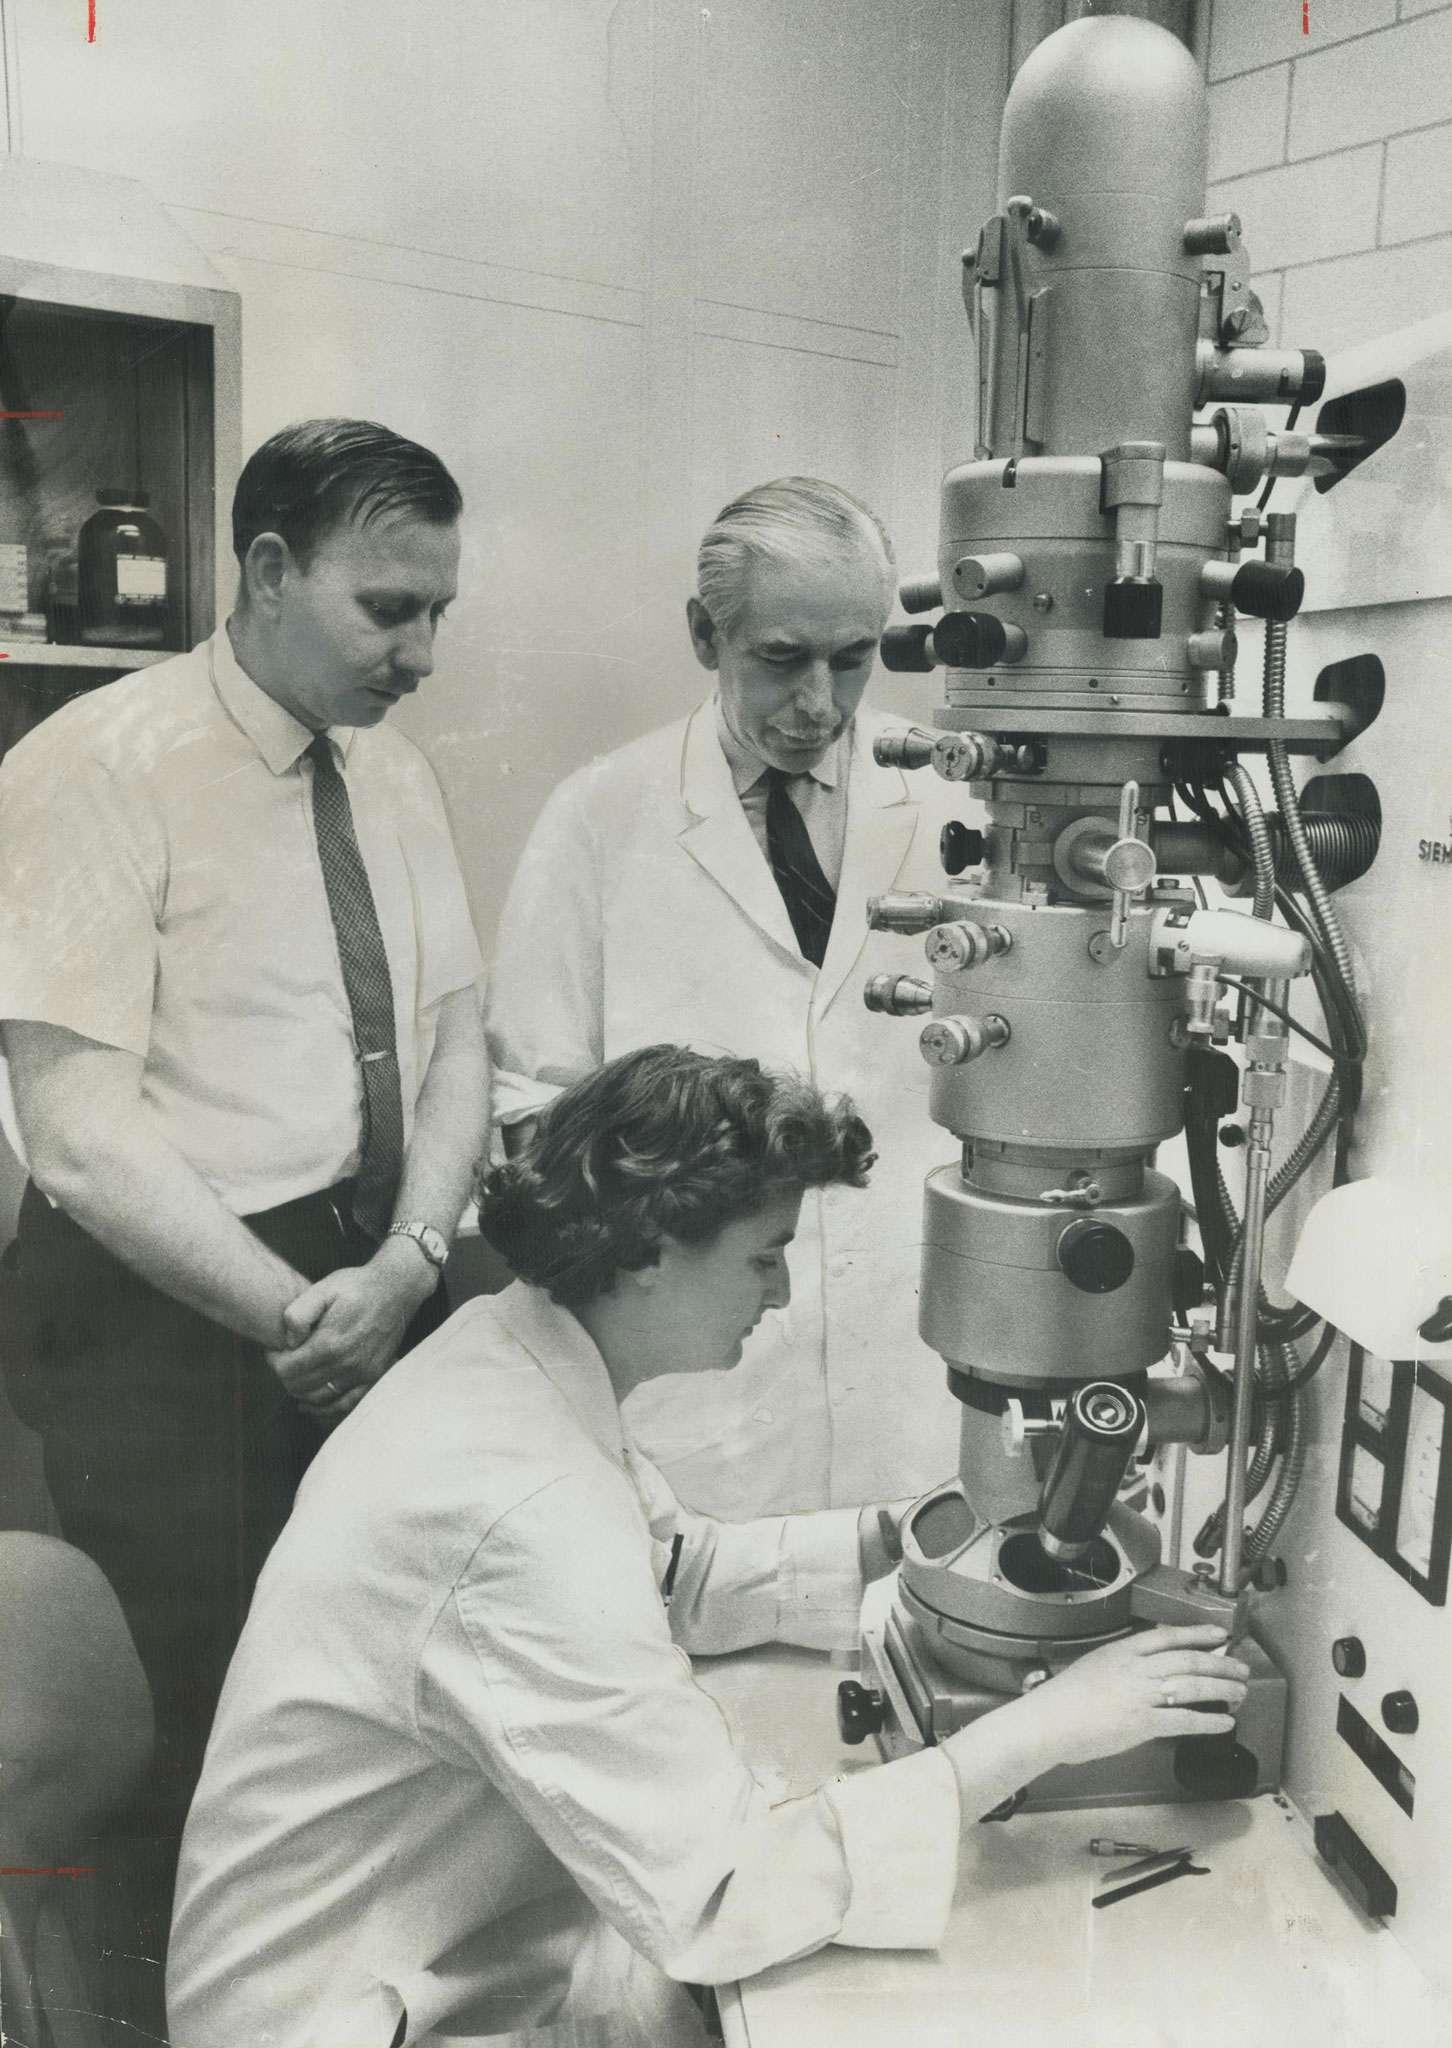 56 साल पहले इस महिला वैज्ञानिक ने ढूंढा था पहला कोरोना वायरस